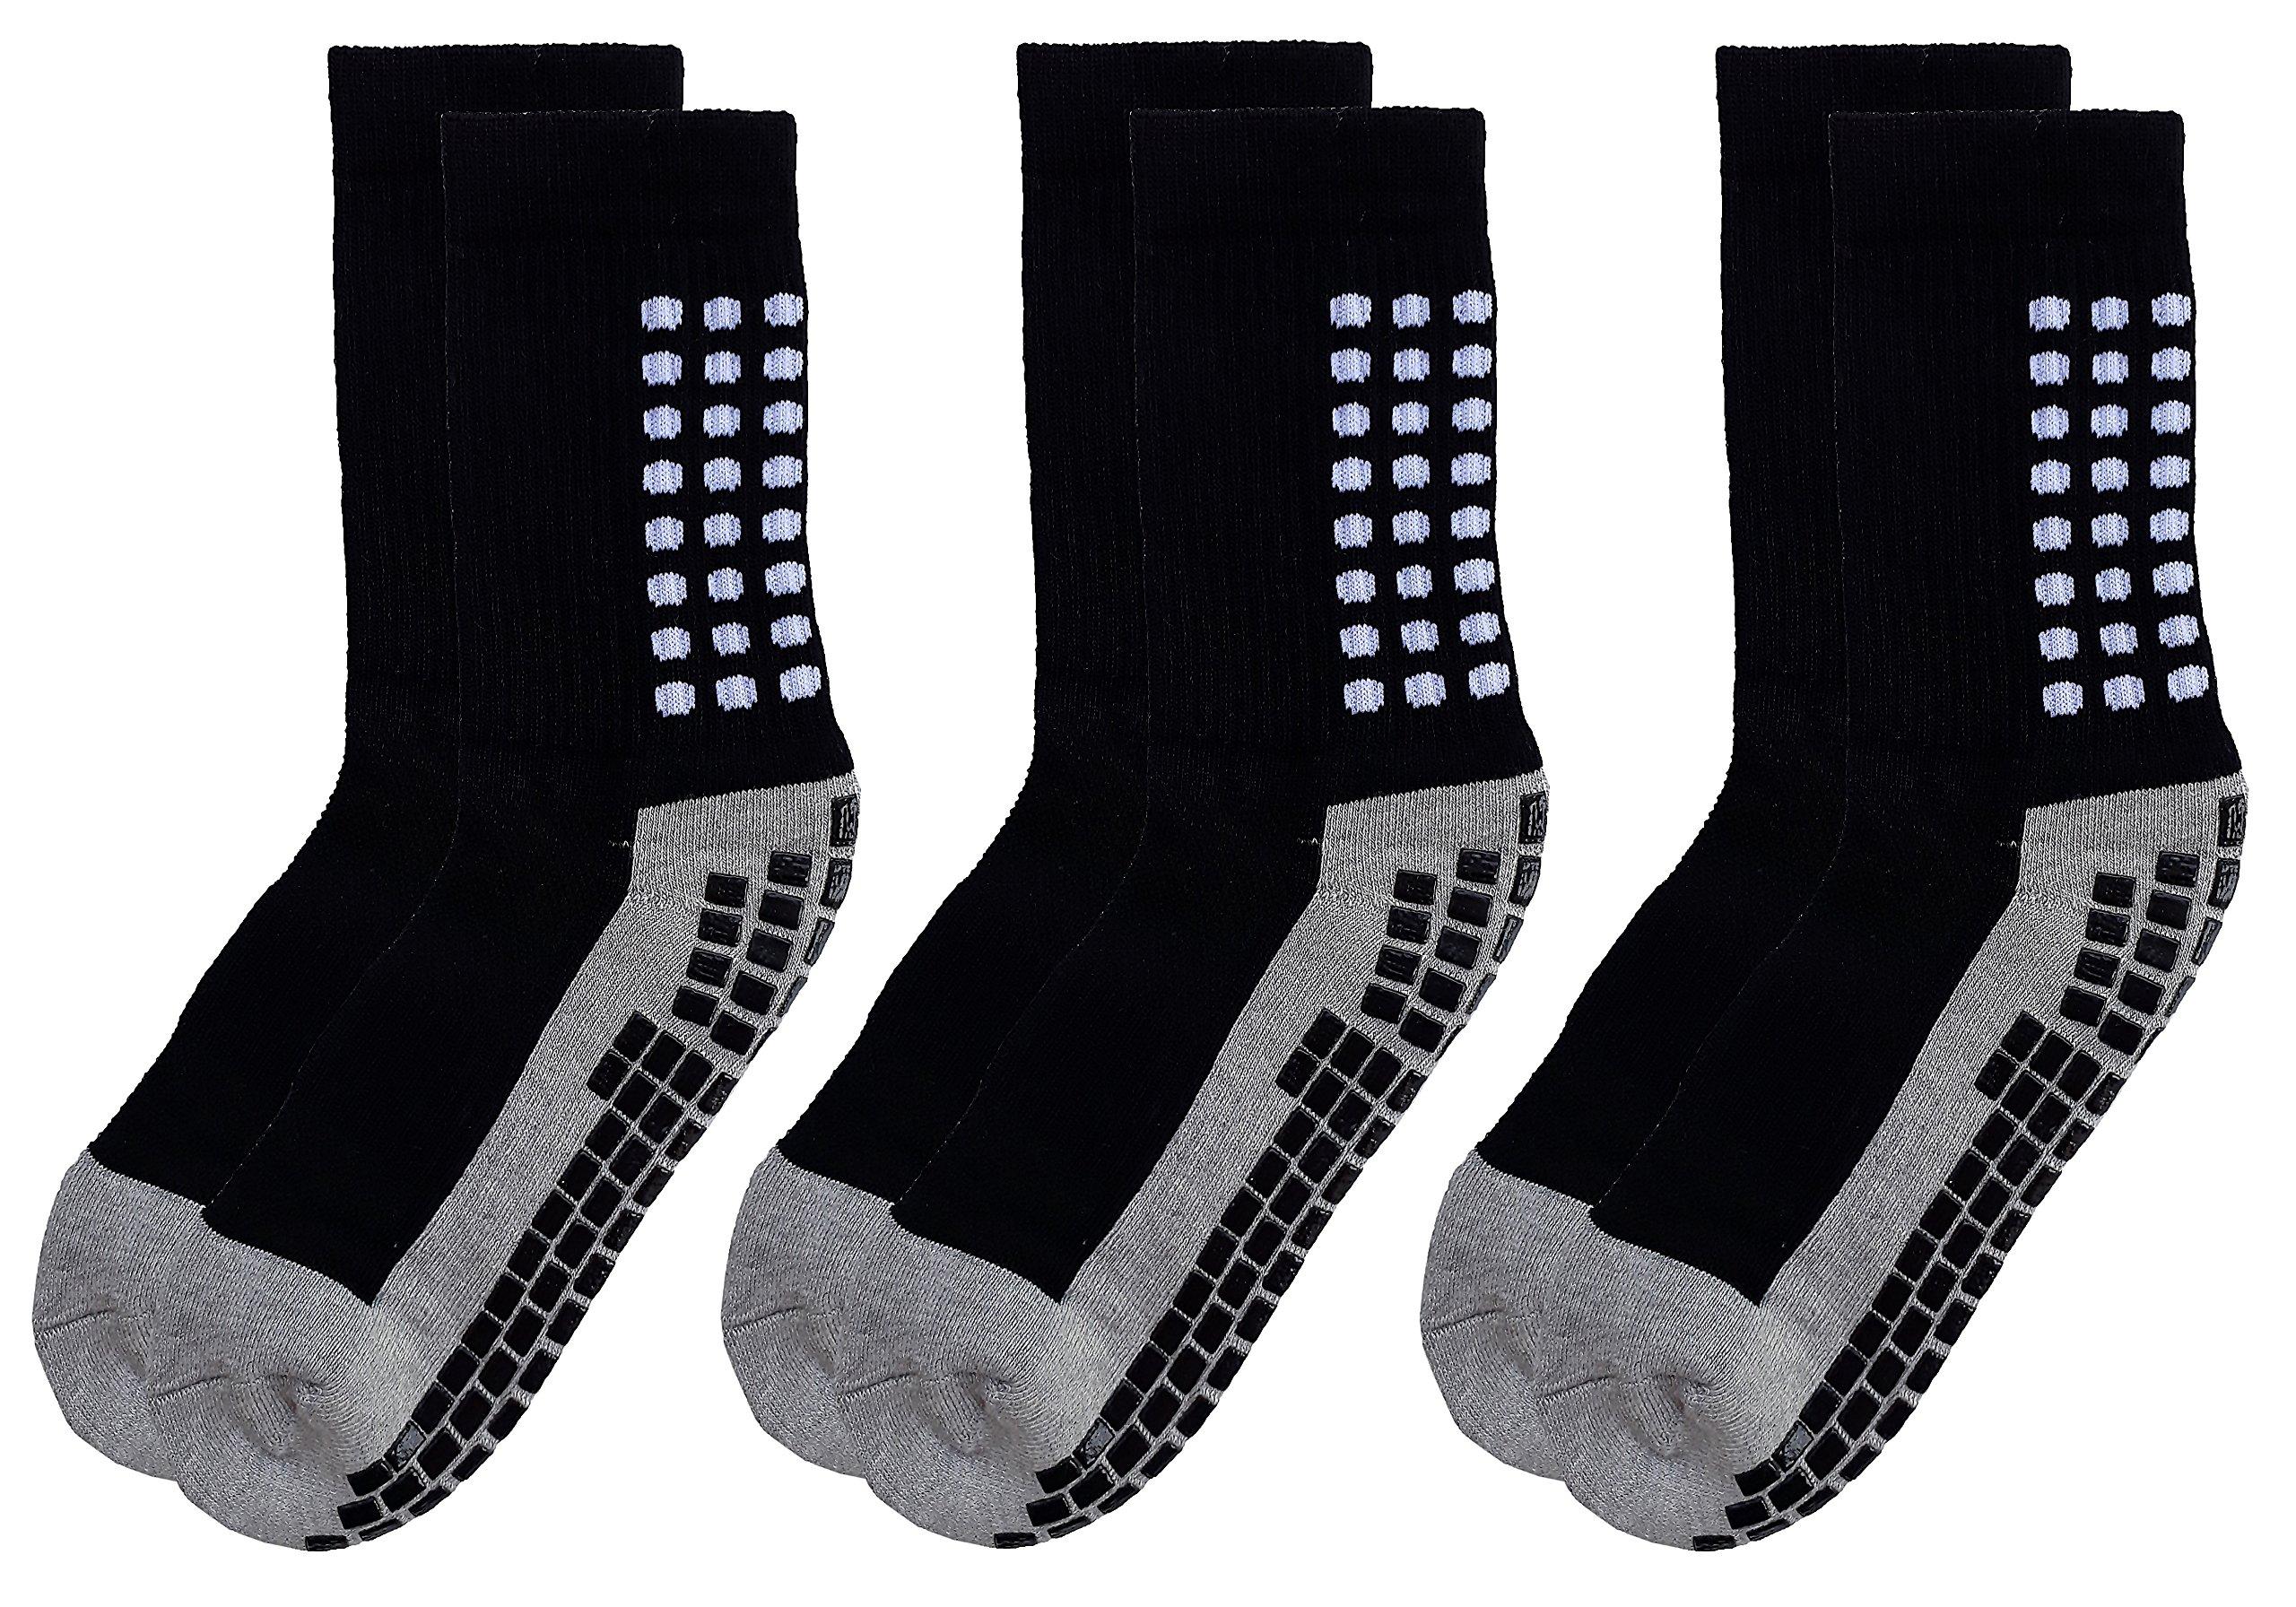 Deluxe Anti Slip Non Skid Slipper Hospital Socks with grips for Adults Men Women (Medium, 3 pairs-black)